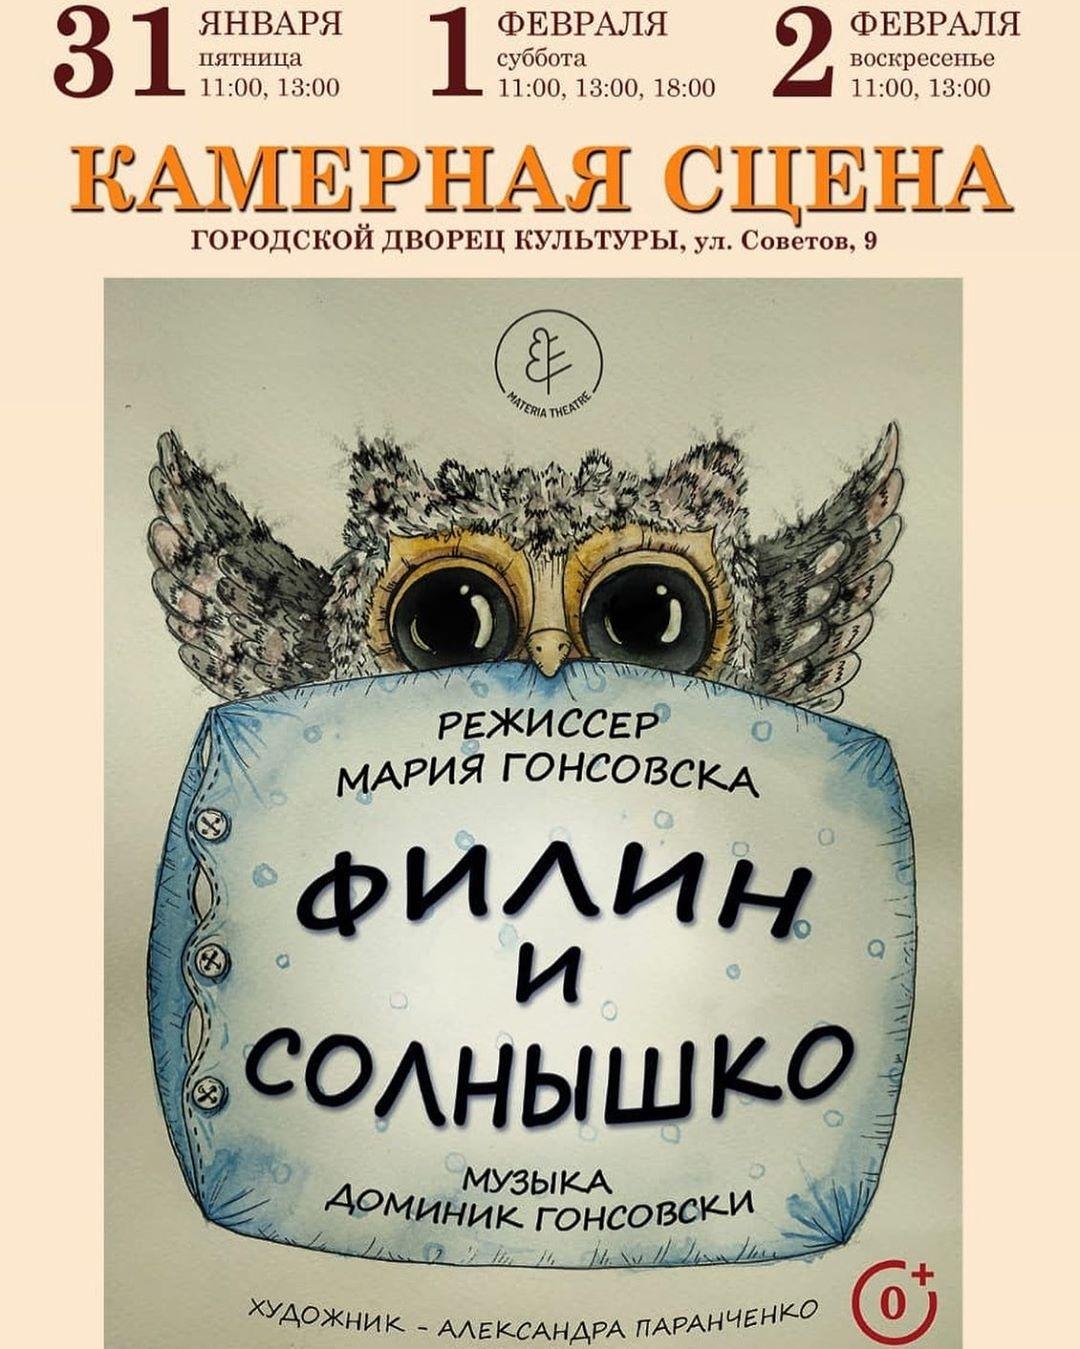 Театр «Материя» приглашает самых маленьких новороссийцев на спектакль «Филин и солнышко»